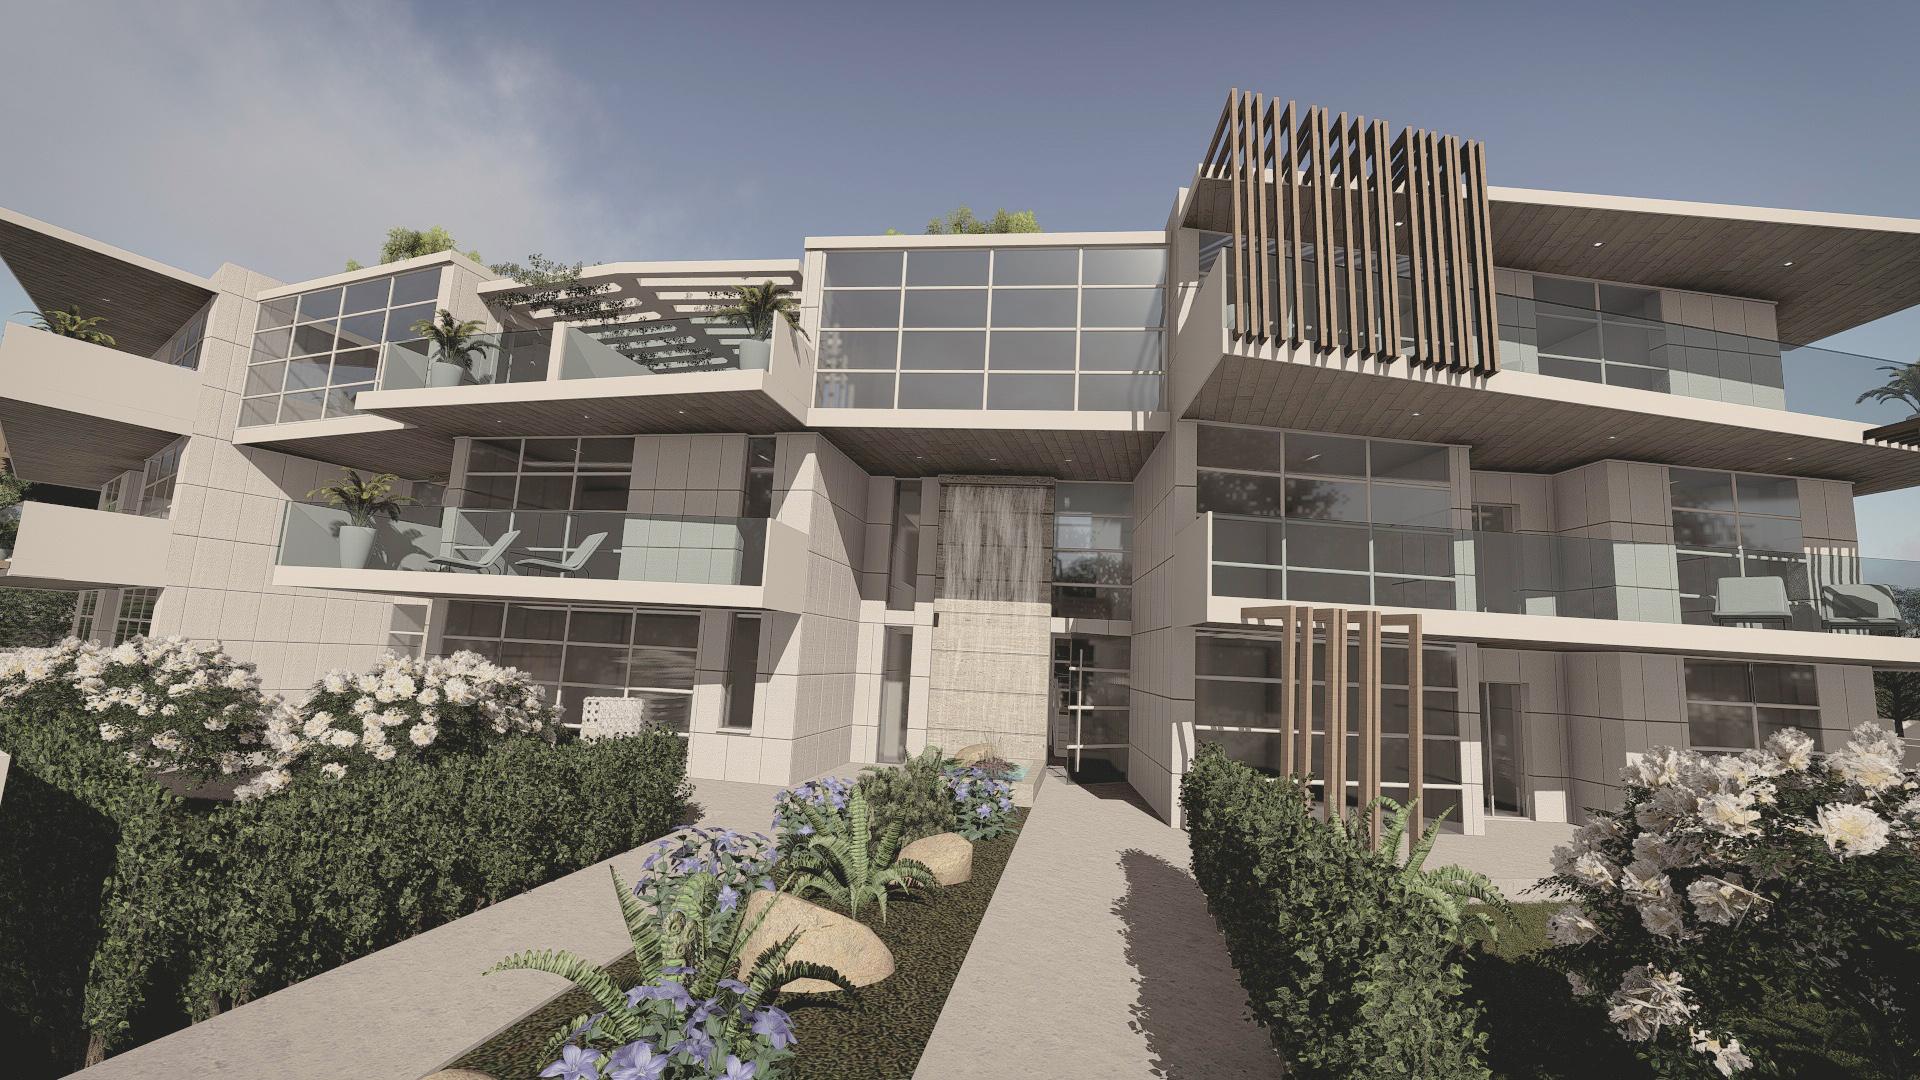 Render di complesso residenziale progettato dallo studio all'insegna della sostenibilità.